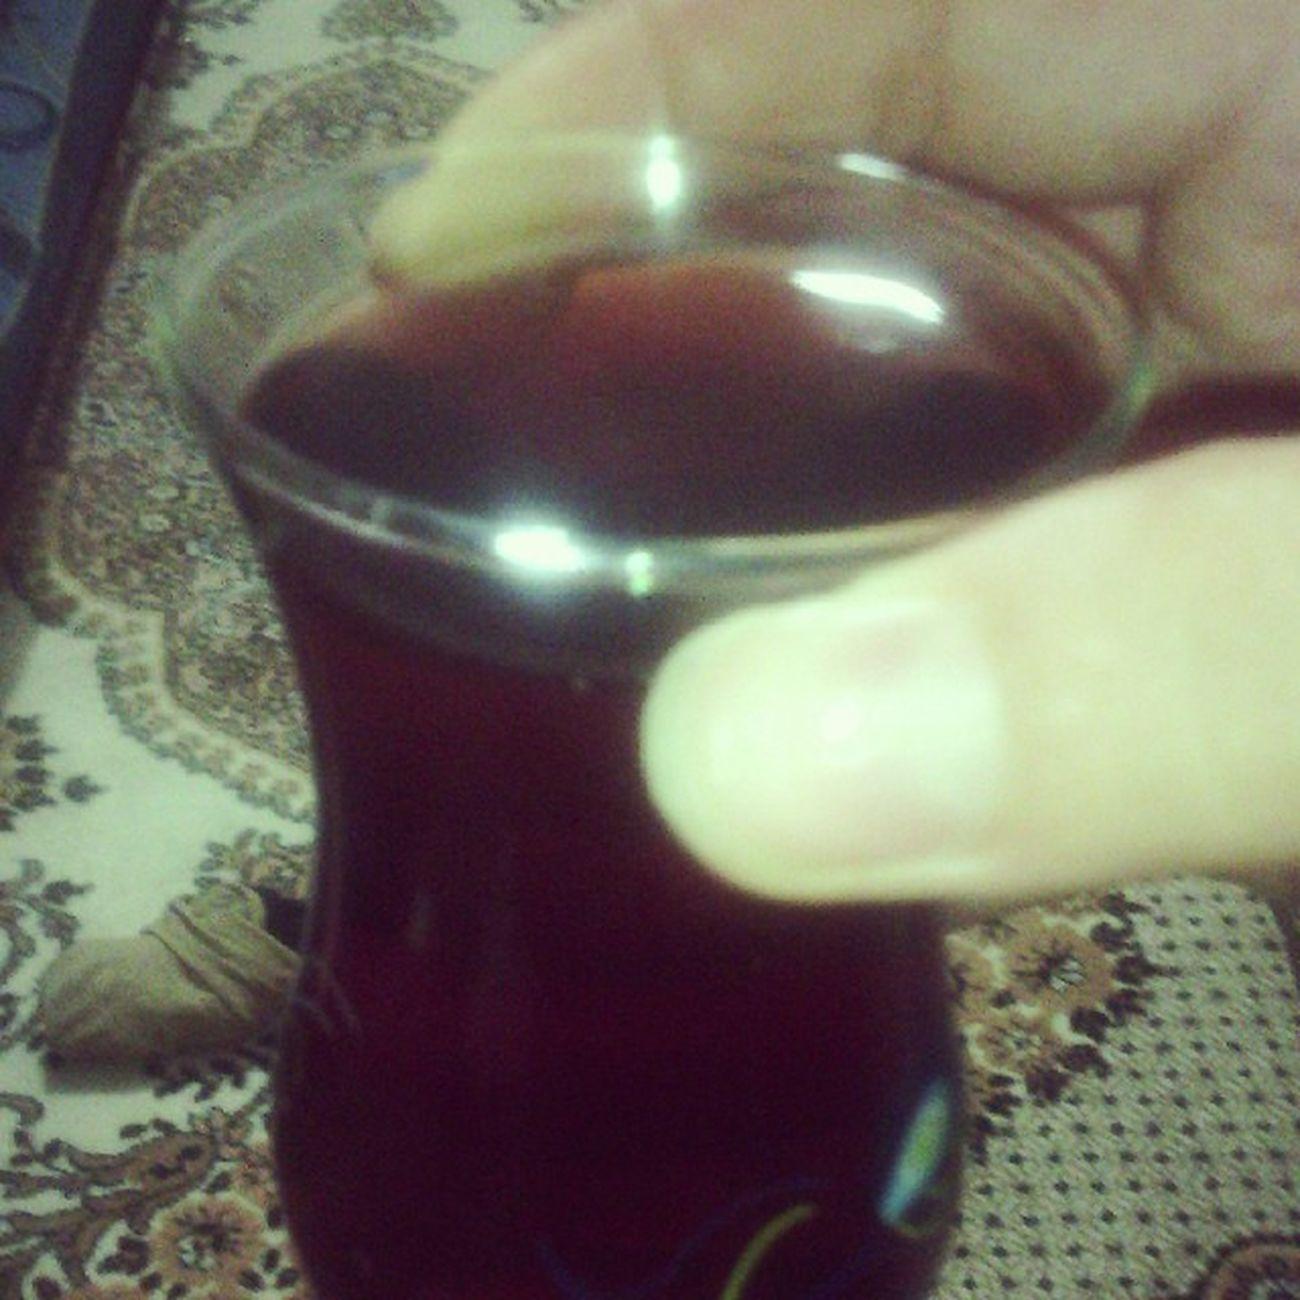 Ben Var Seversen çay var içersen evim eviimm Beypazarı geldim ben